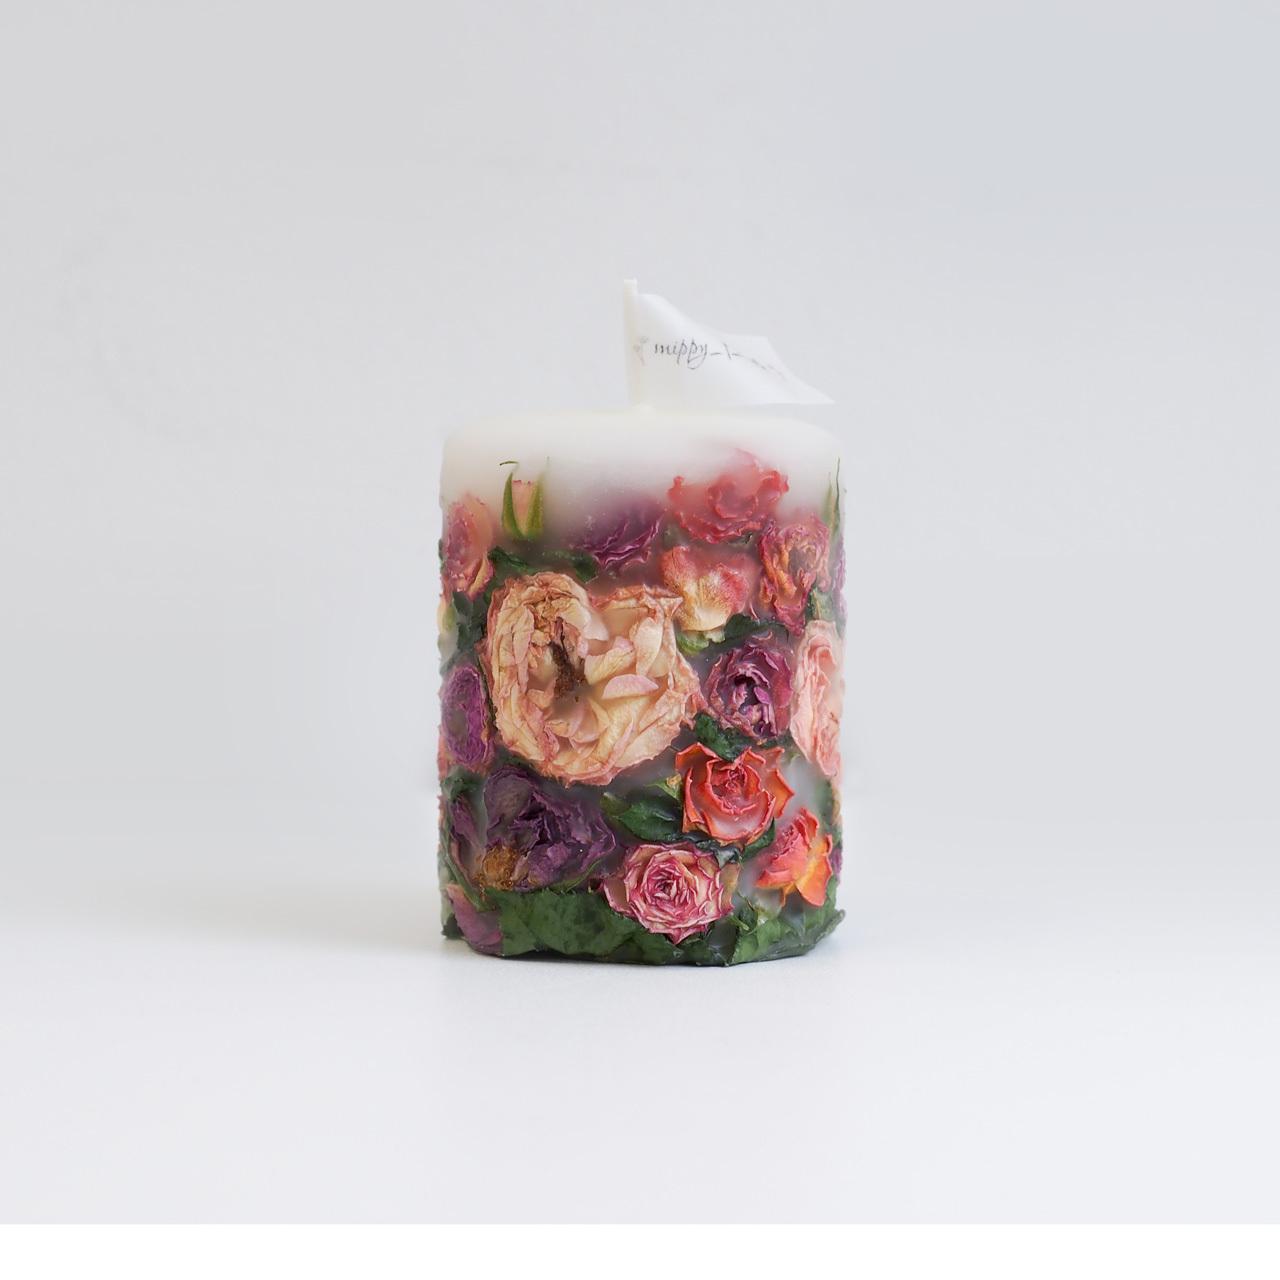 mippy_f_candle「特別なひとときに薔薇香るキャンドル」